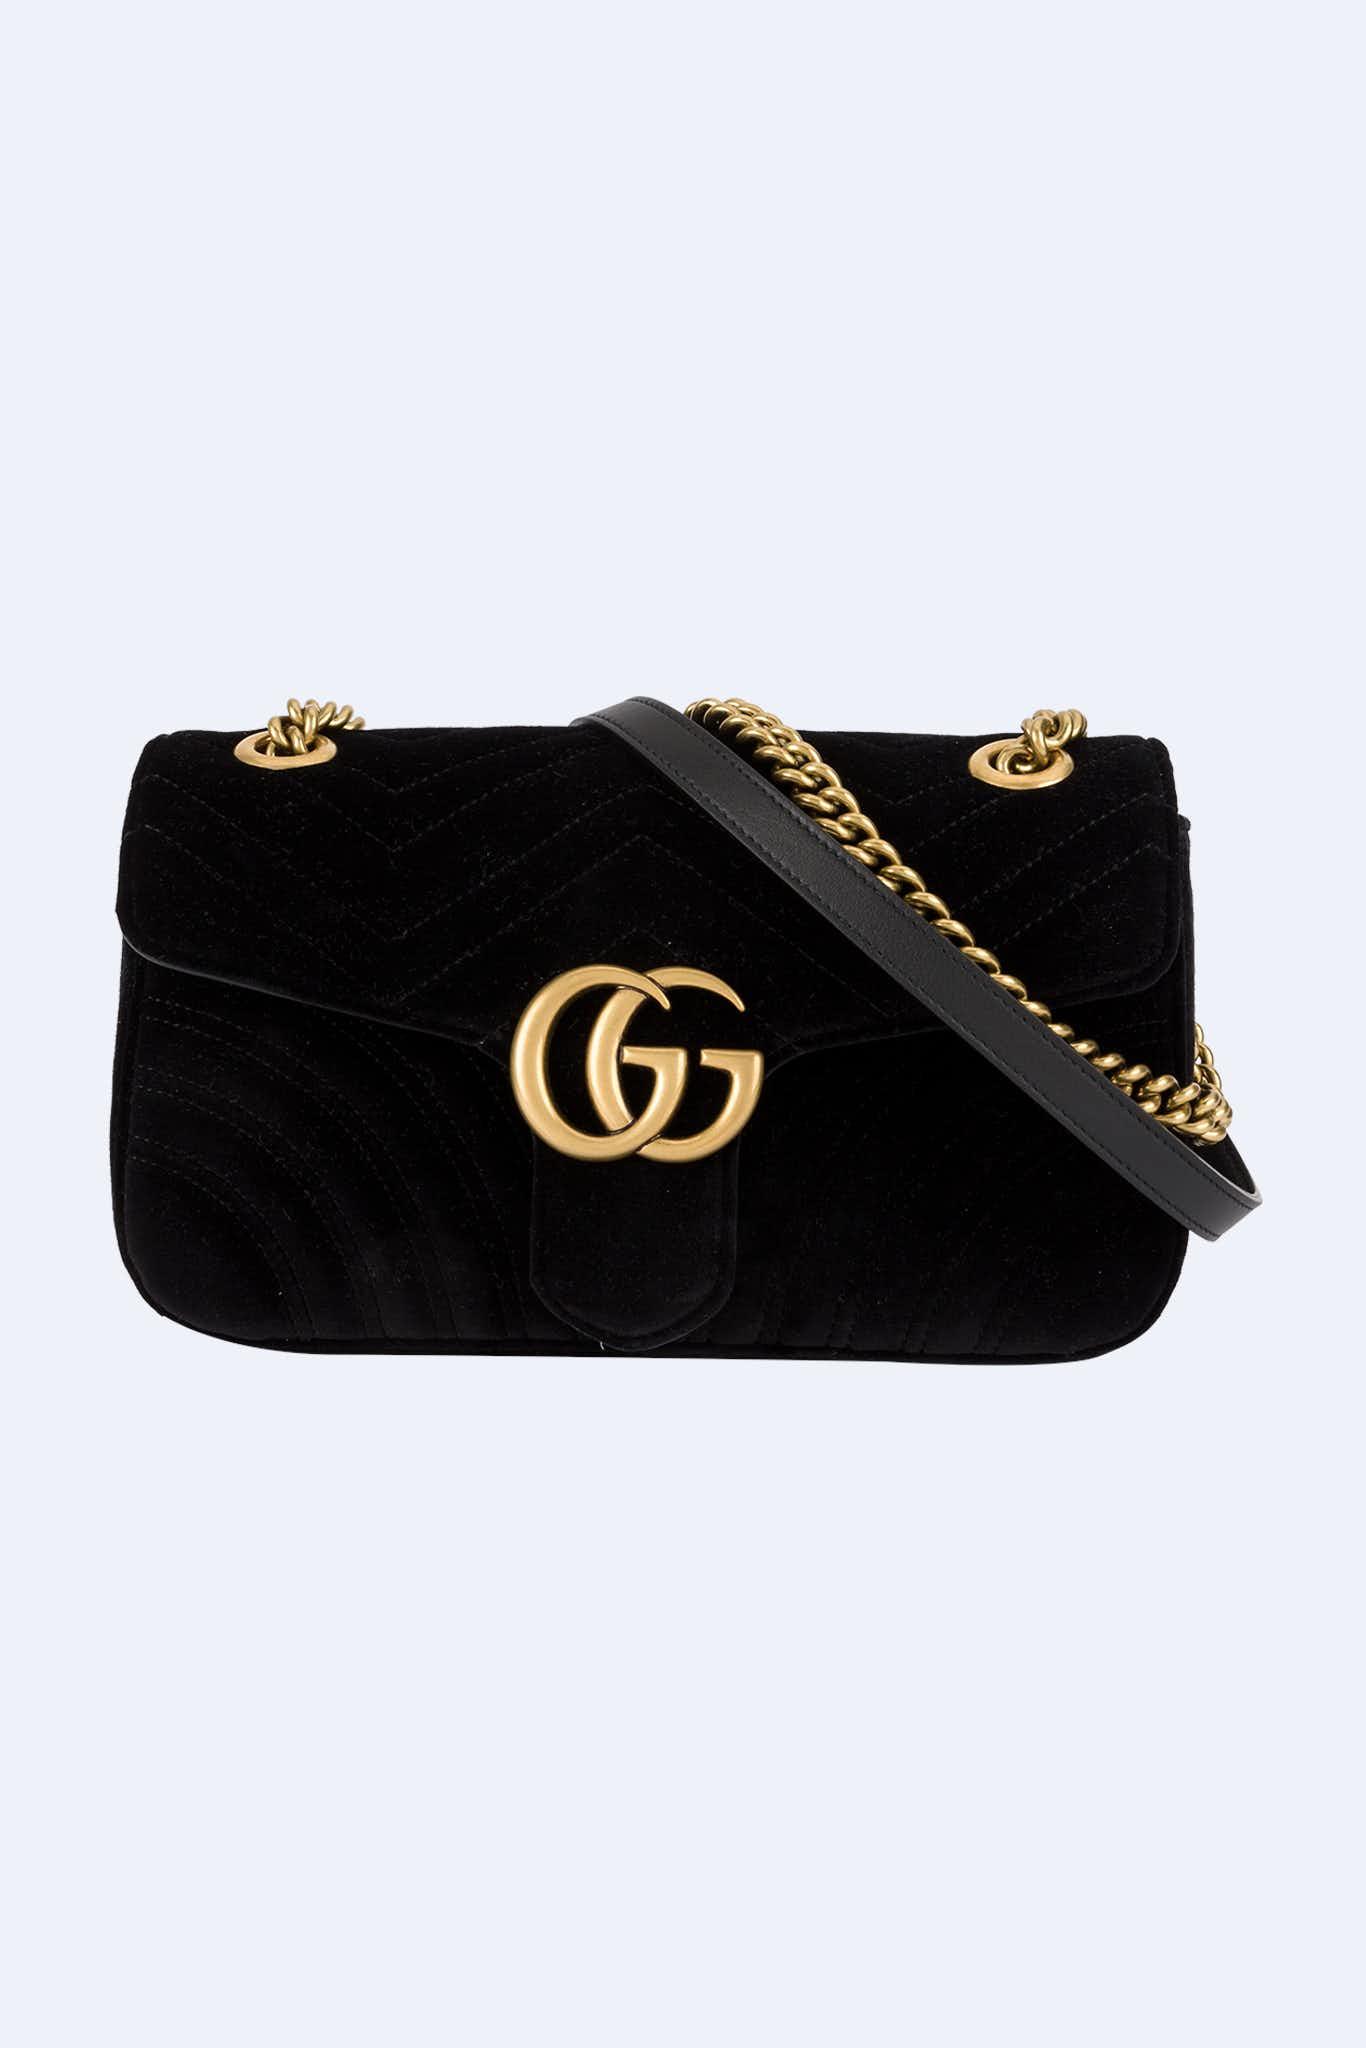 80187578baf GG Marmont velvet bag